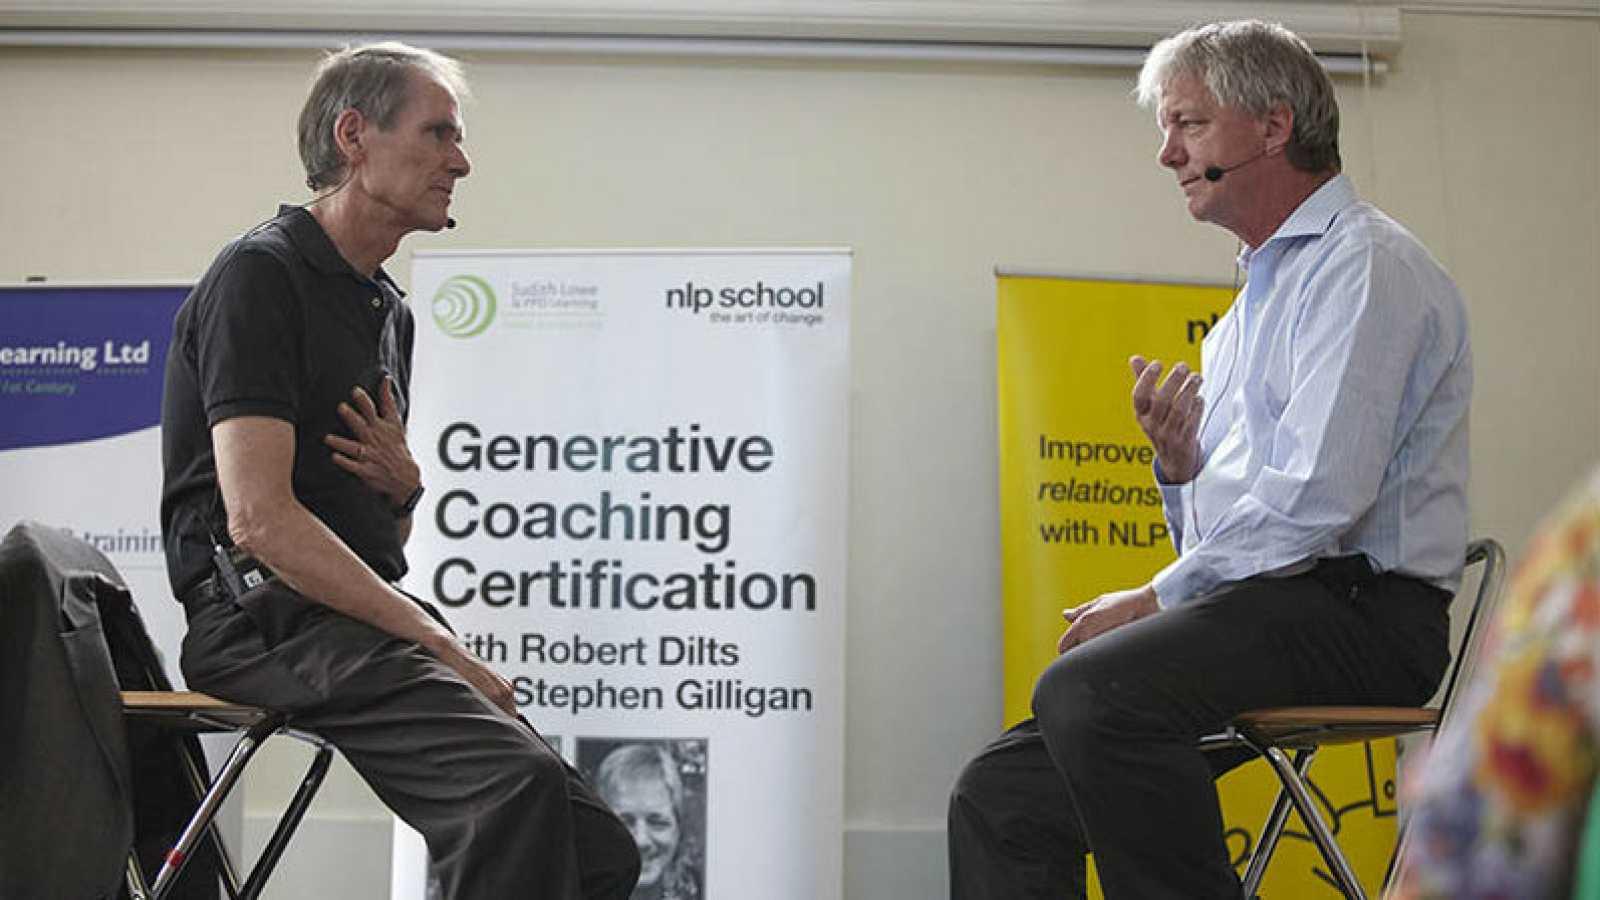 Complementarios - Stephen Gilligan y cómo aprender a amar - 11/2/18 - Escuchar ahora